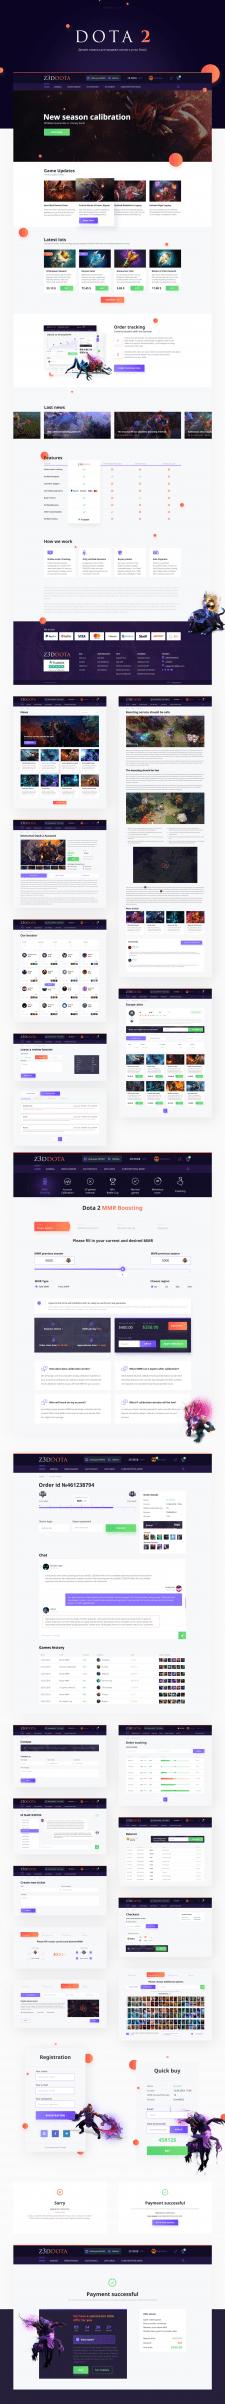 Дизайн сервиса для продажи скинов и услуг Dota2